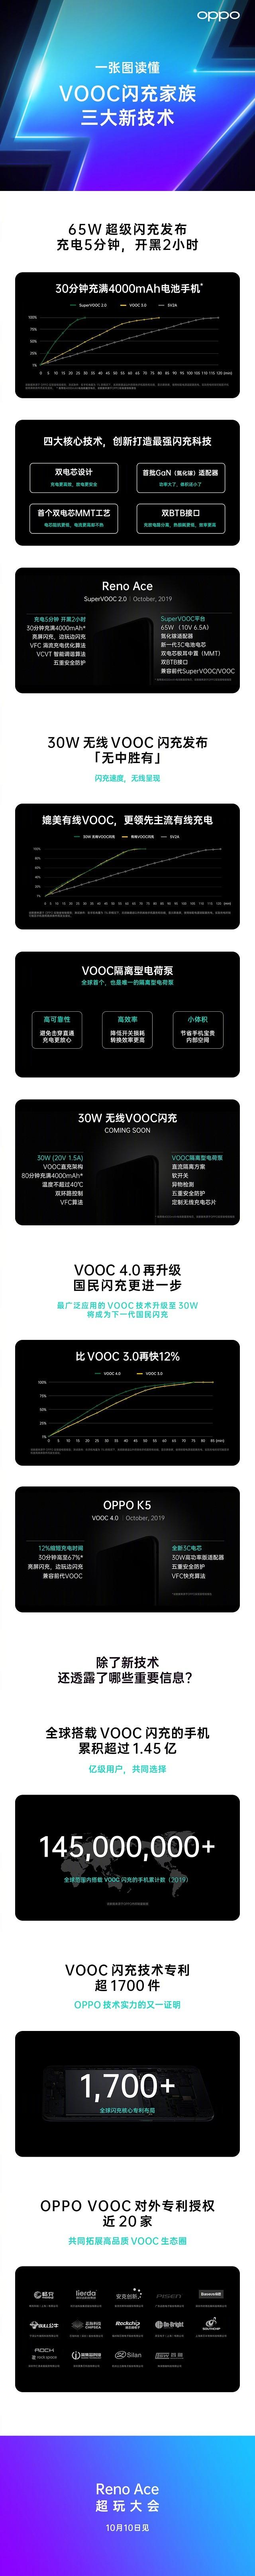 不只65W 一张图读懂VOOC闪充平台全面升级